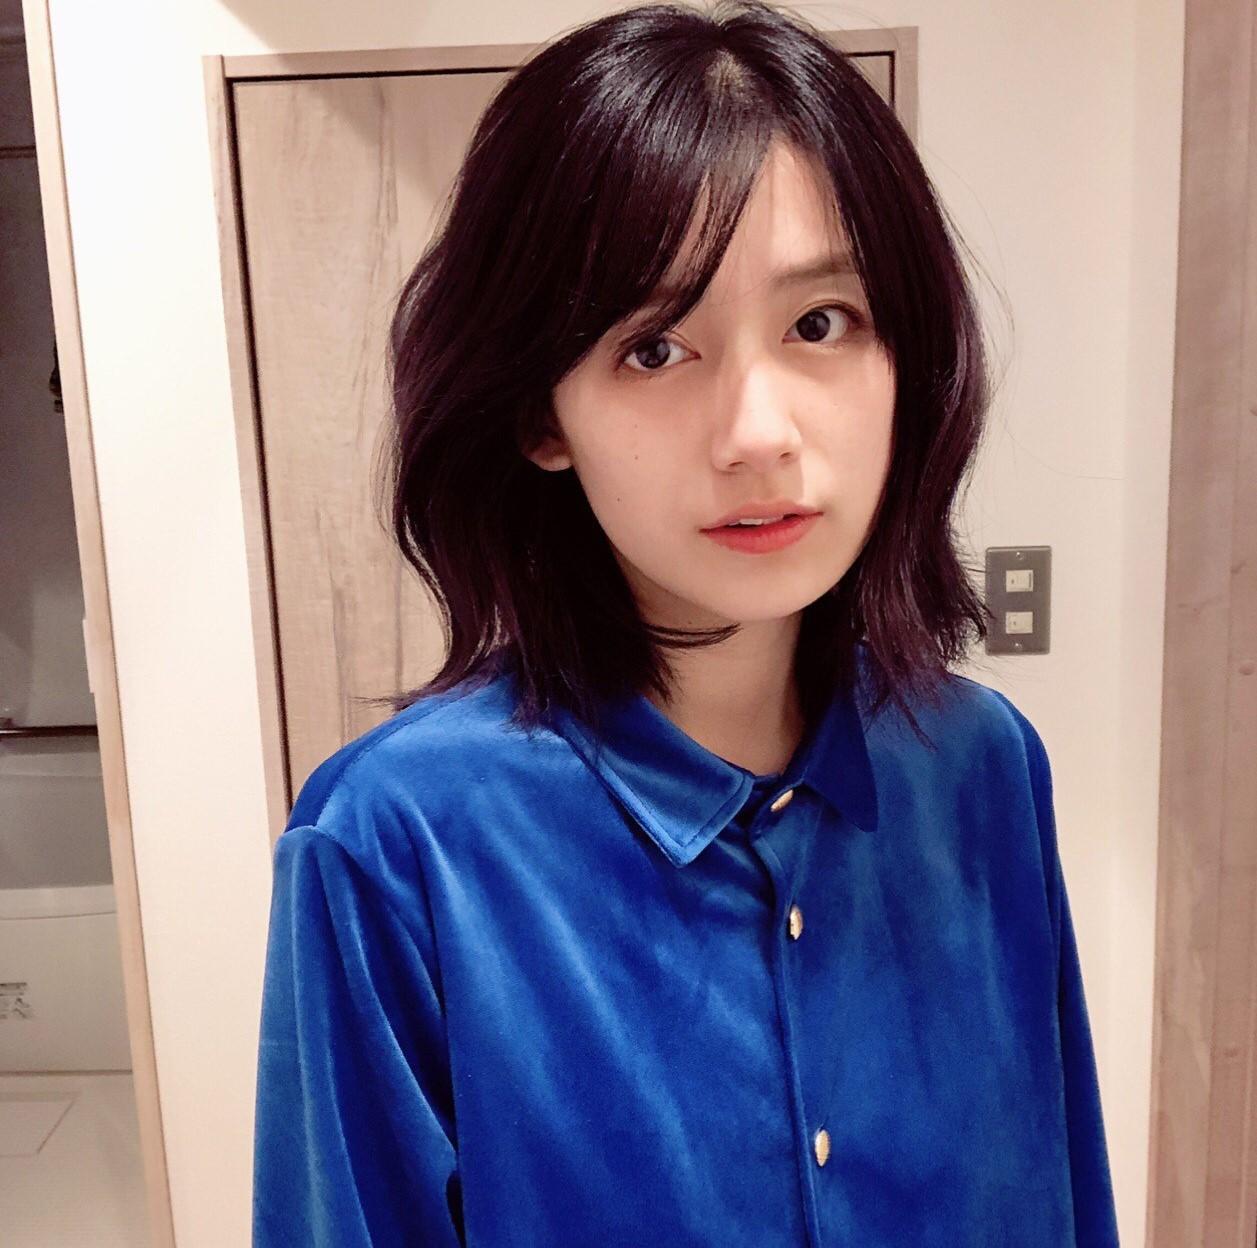 Xuất hiện hot girl ảnh film với nét đẹp cổ điển cực giống nữ thần Kim Ji Won của Hậu duệ Mặt trời - Ảnh 5.